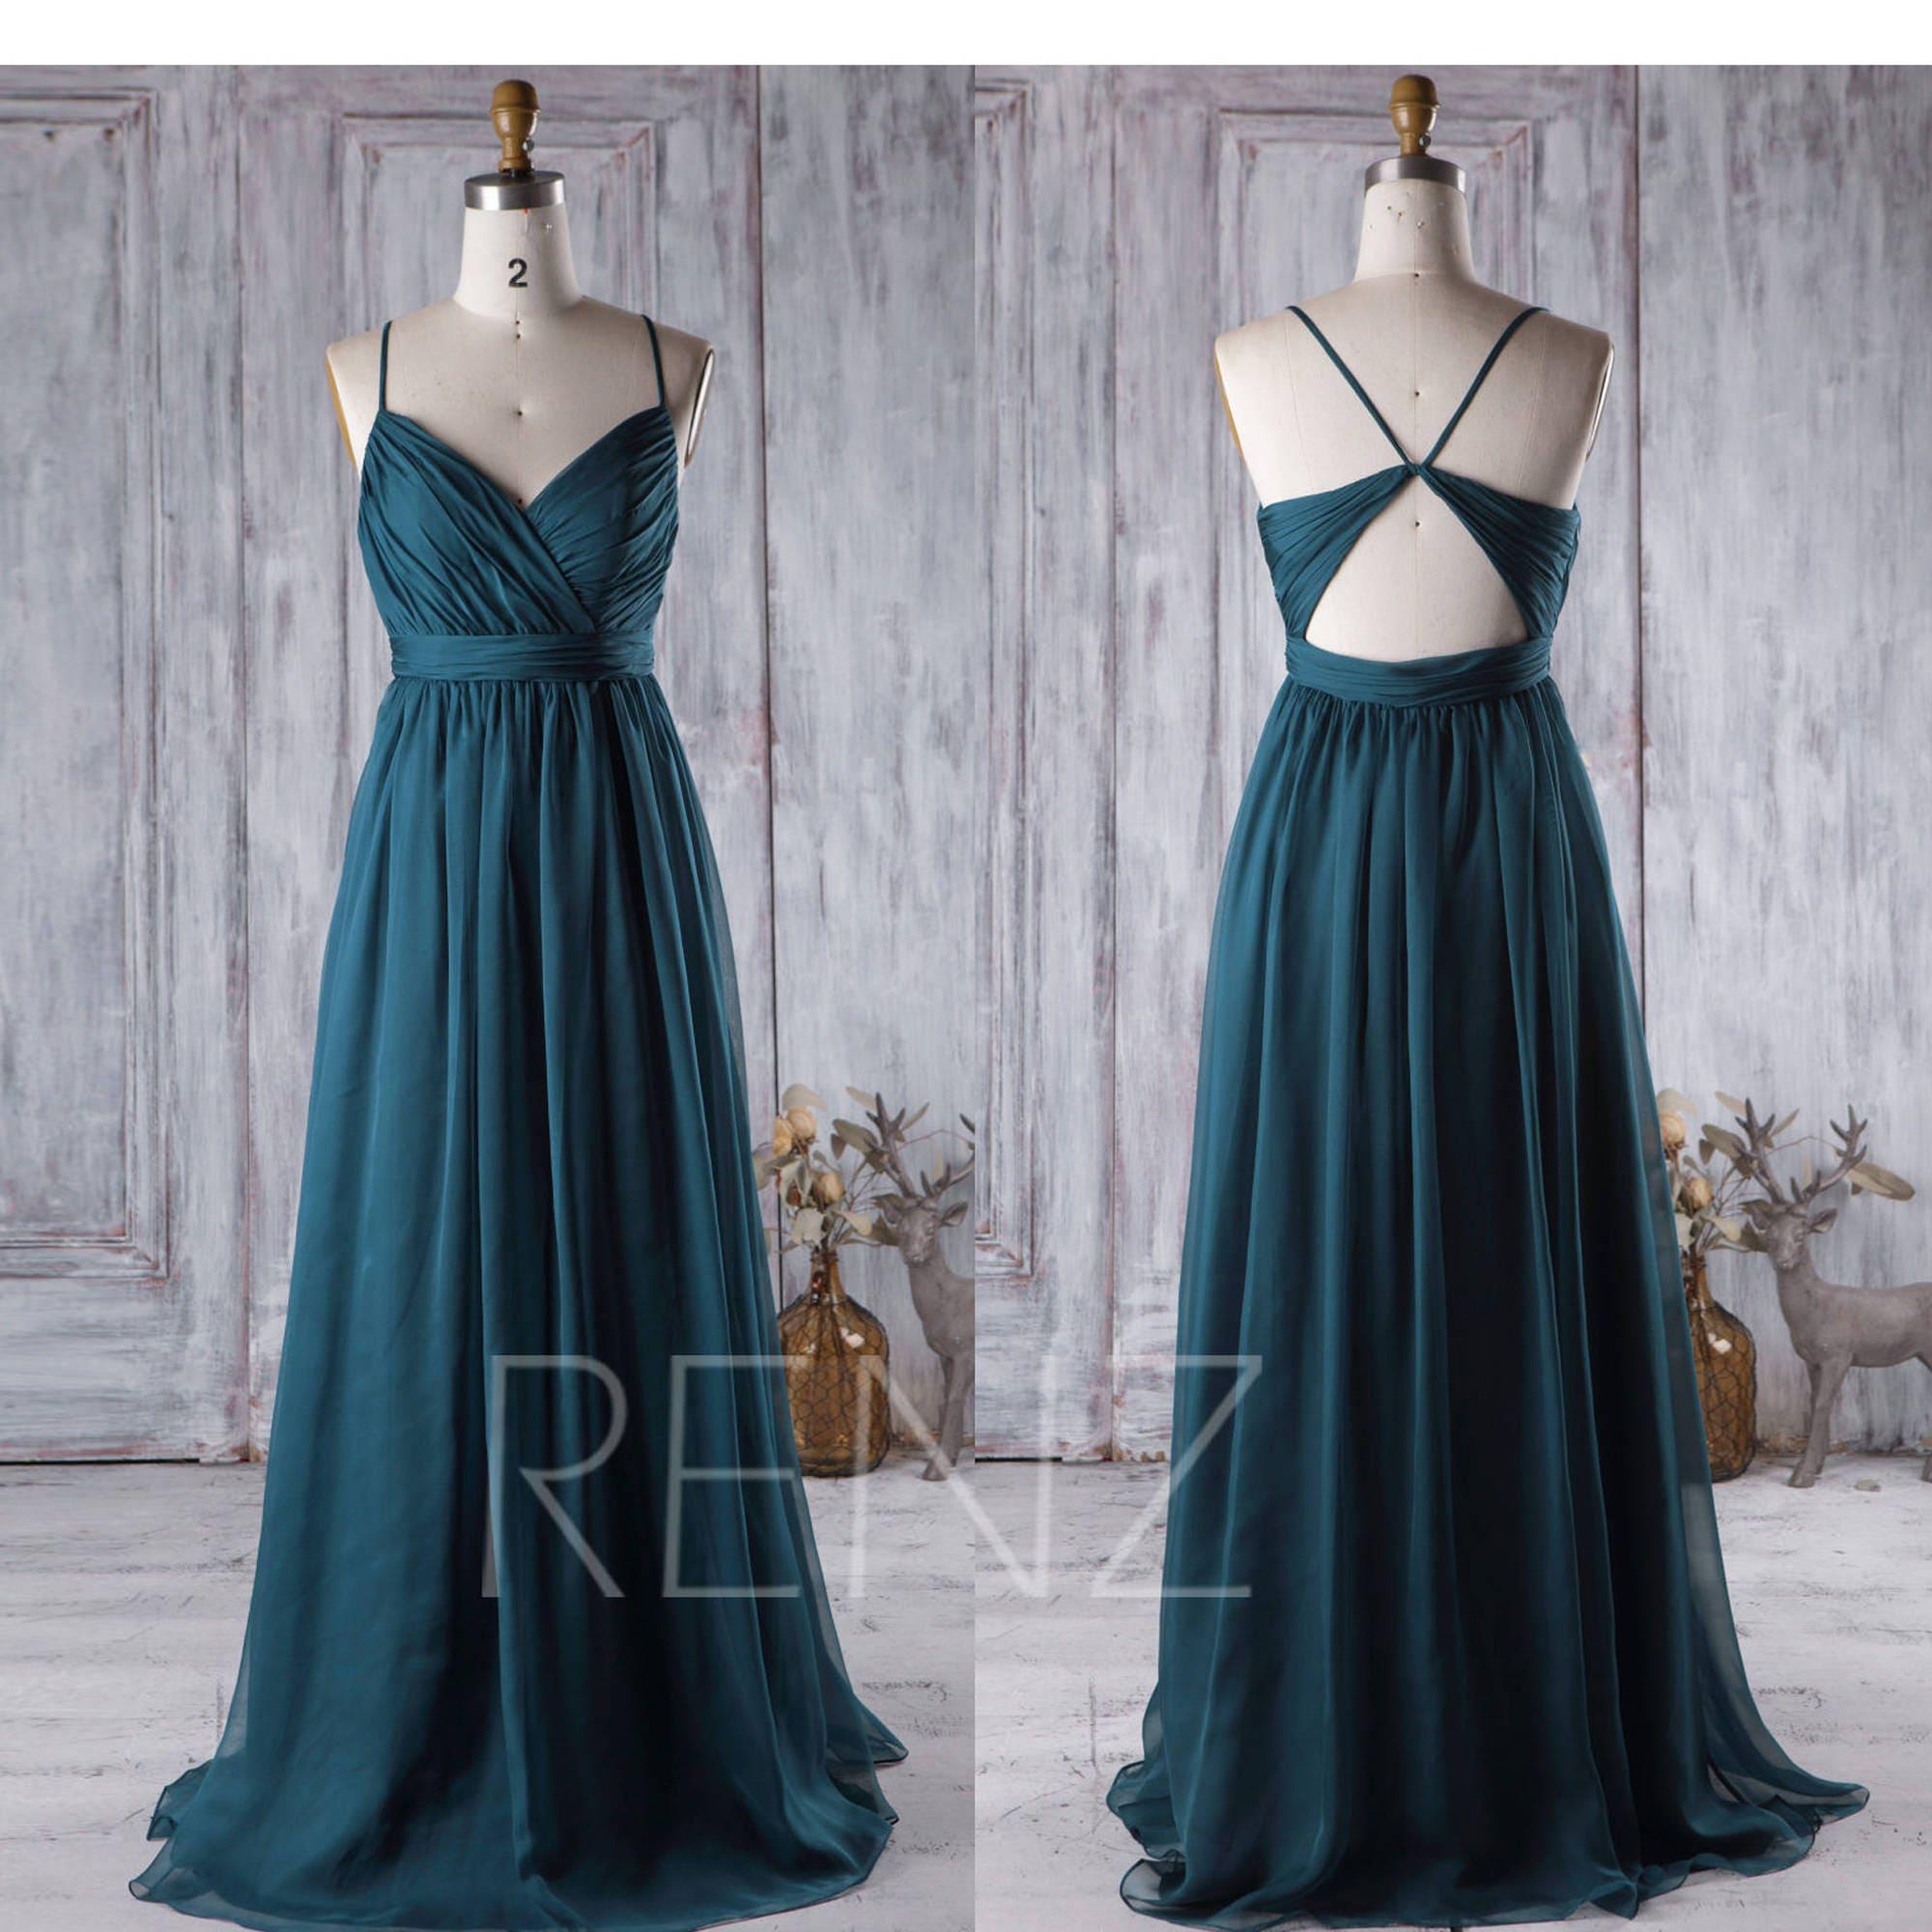 Brautjungfer Kleid Vintage blau Chiffon-Kleid Brautkleid